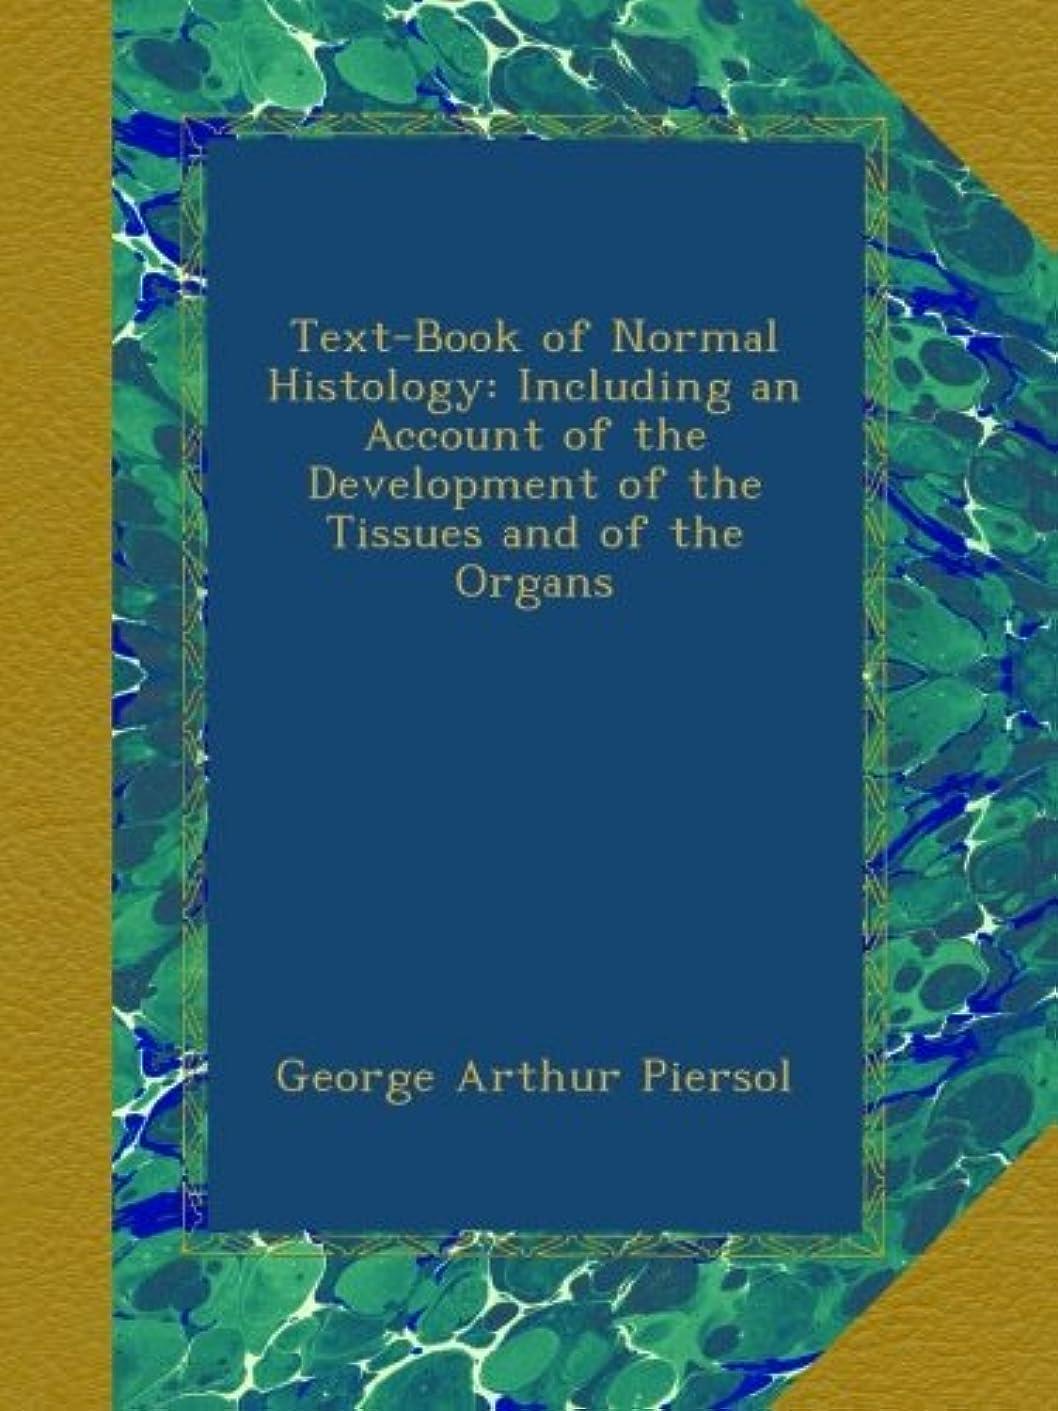 ノーブル血色の良いブートText-Book of Normal Histology: Including an Account of the Development of the Tissues and of the Organs